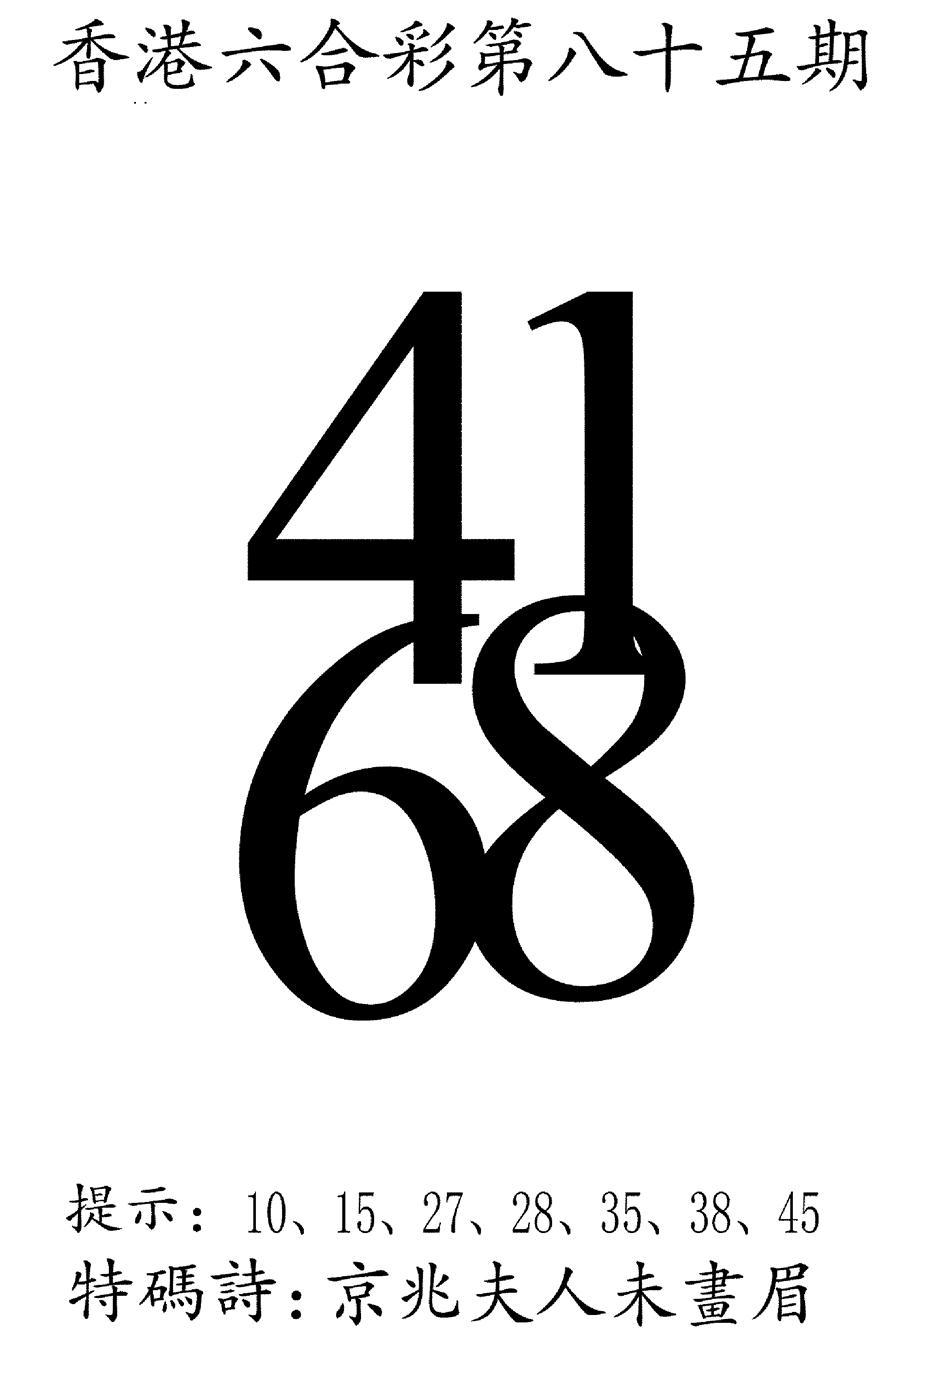 085期澳门三合王B(黑白)